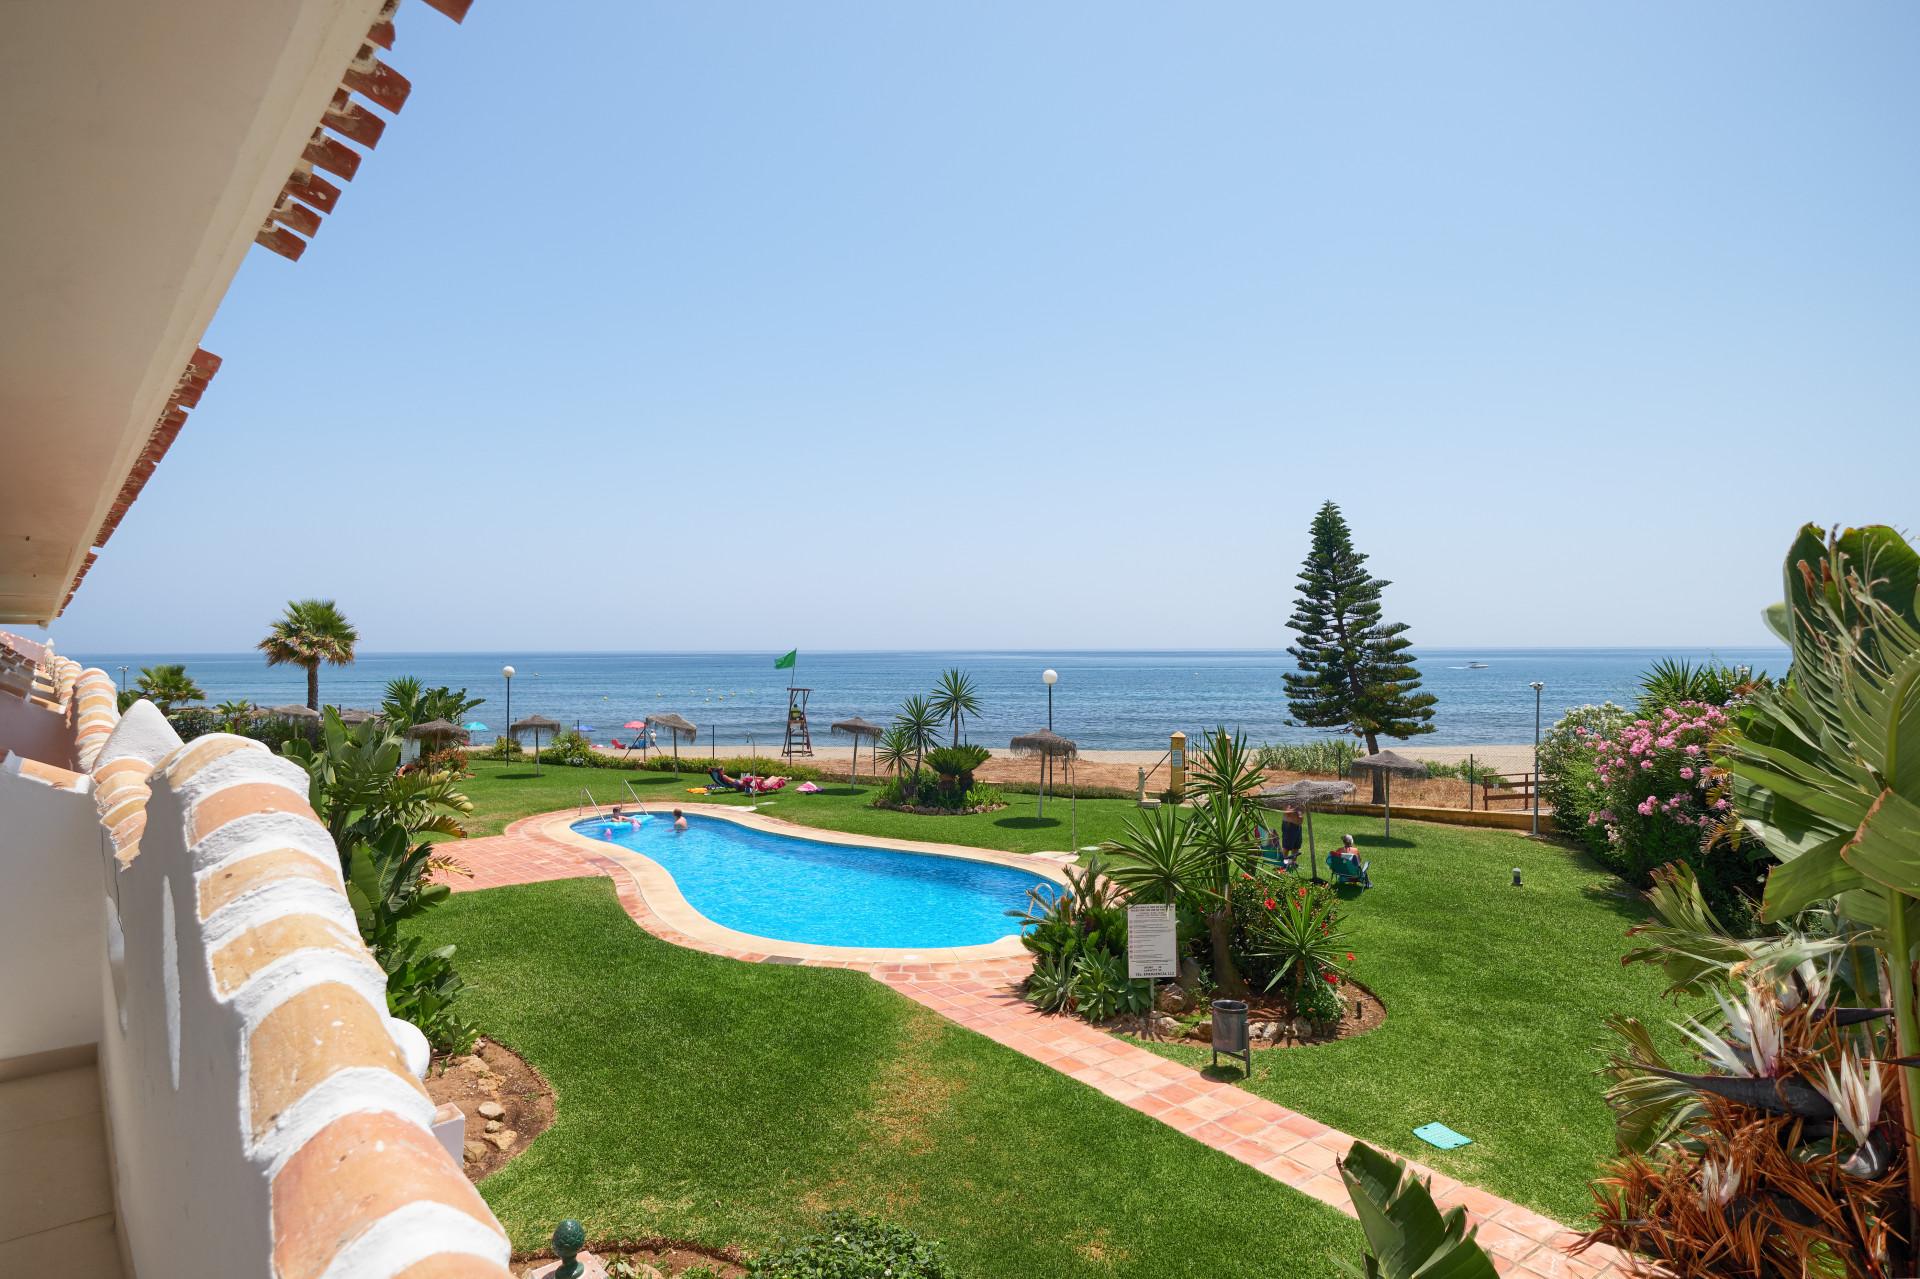 ARFA1366-306 - Renovierte Strandwohnung bei Calahonda zu verkaufen